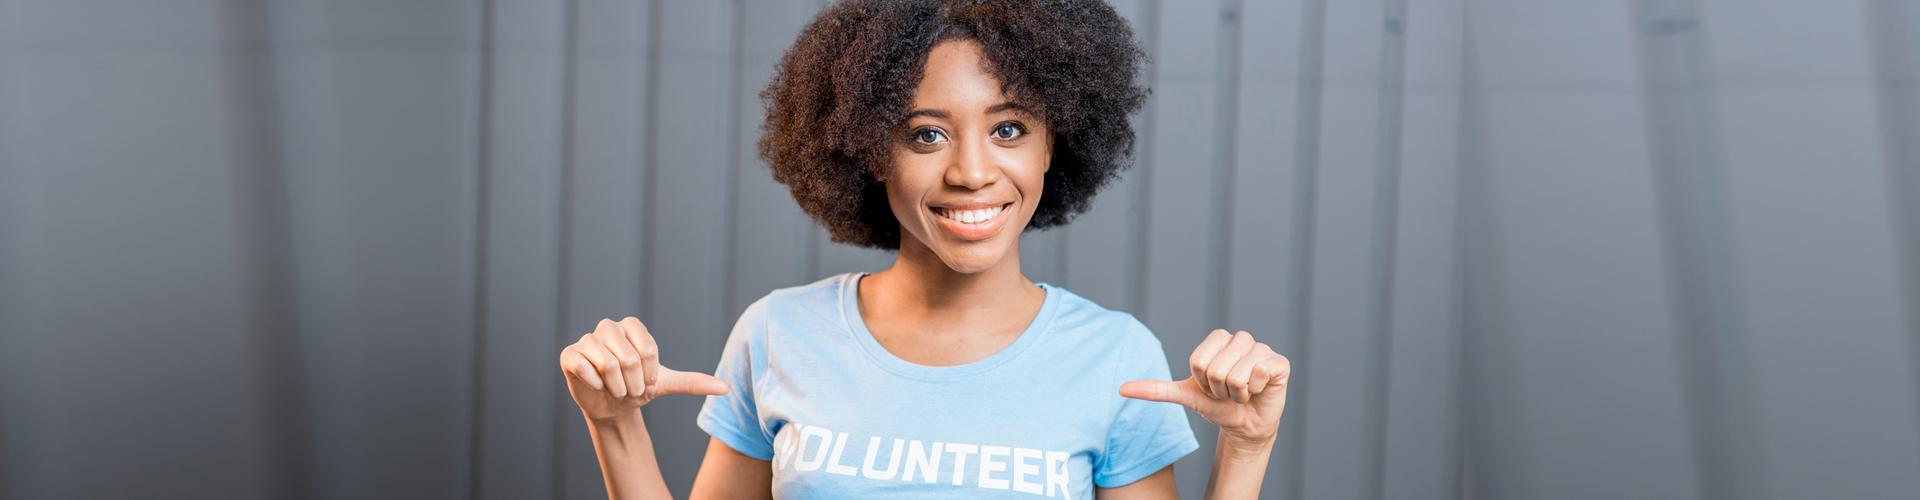 adult woman volunteer